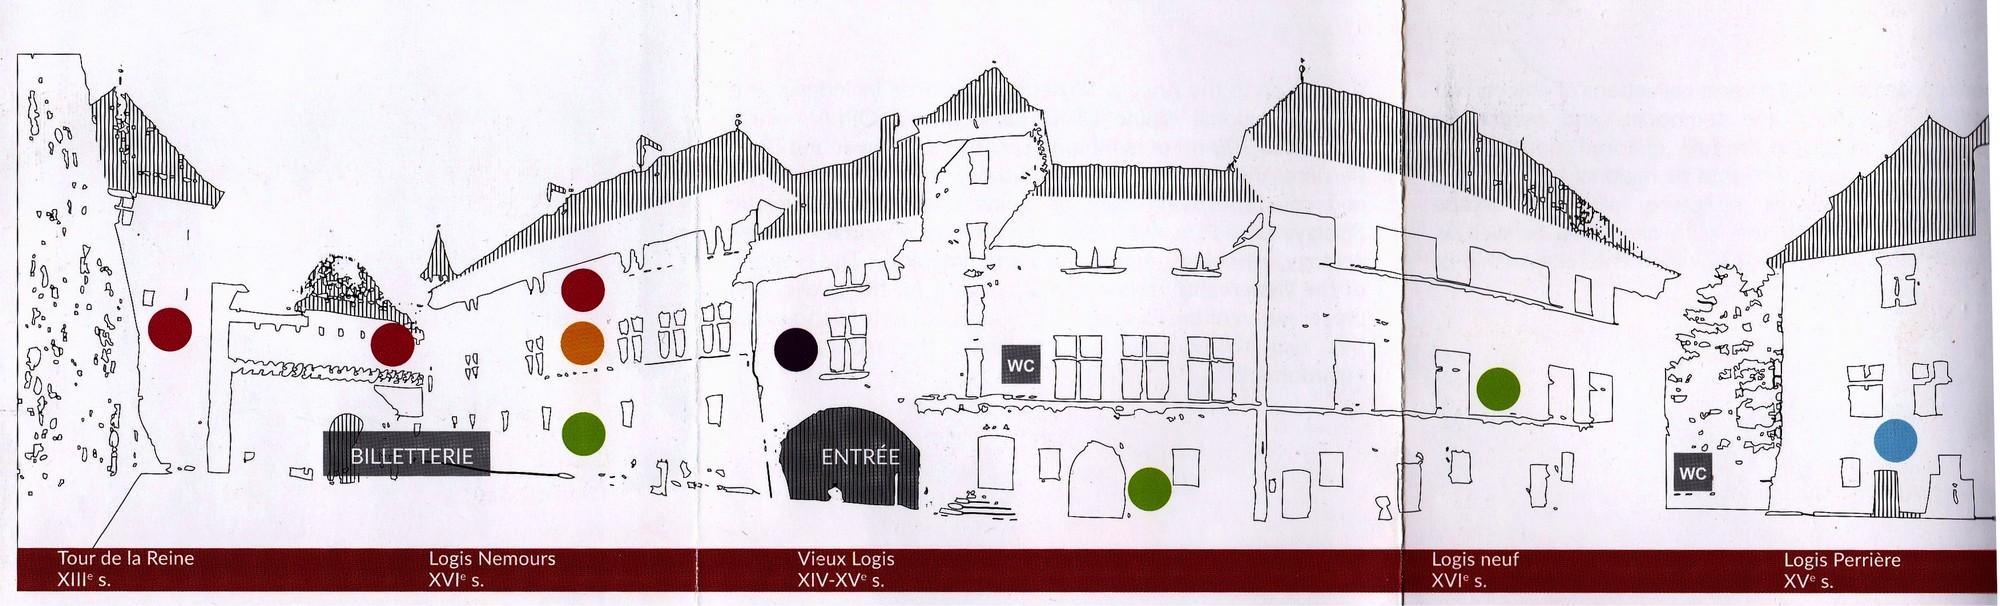 Схема замка Анси